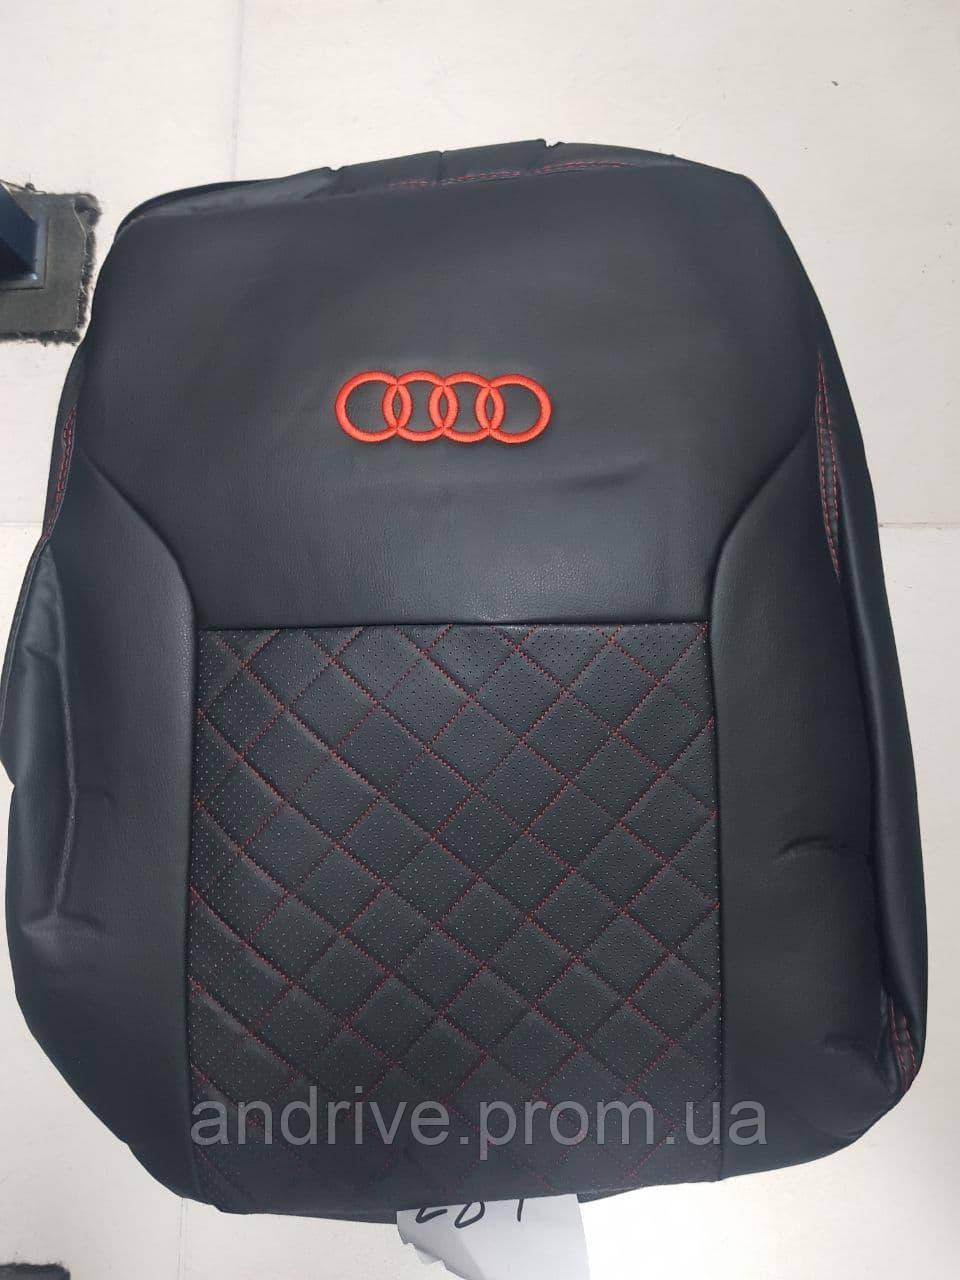 Авточехлы Audi А4 B7 Avant 2004-2007 (Экокожа) Чехлы в салон Черные